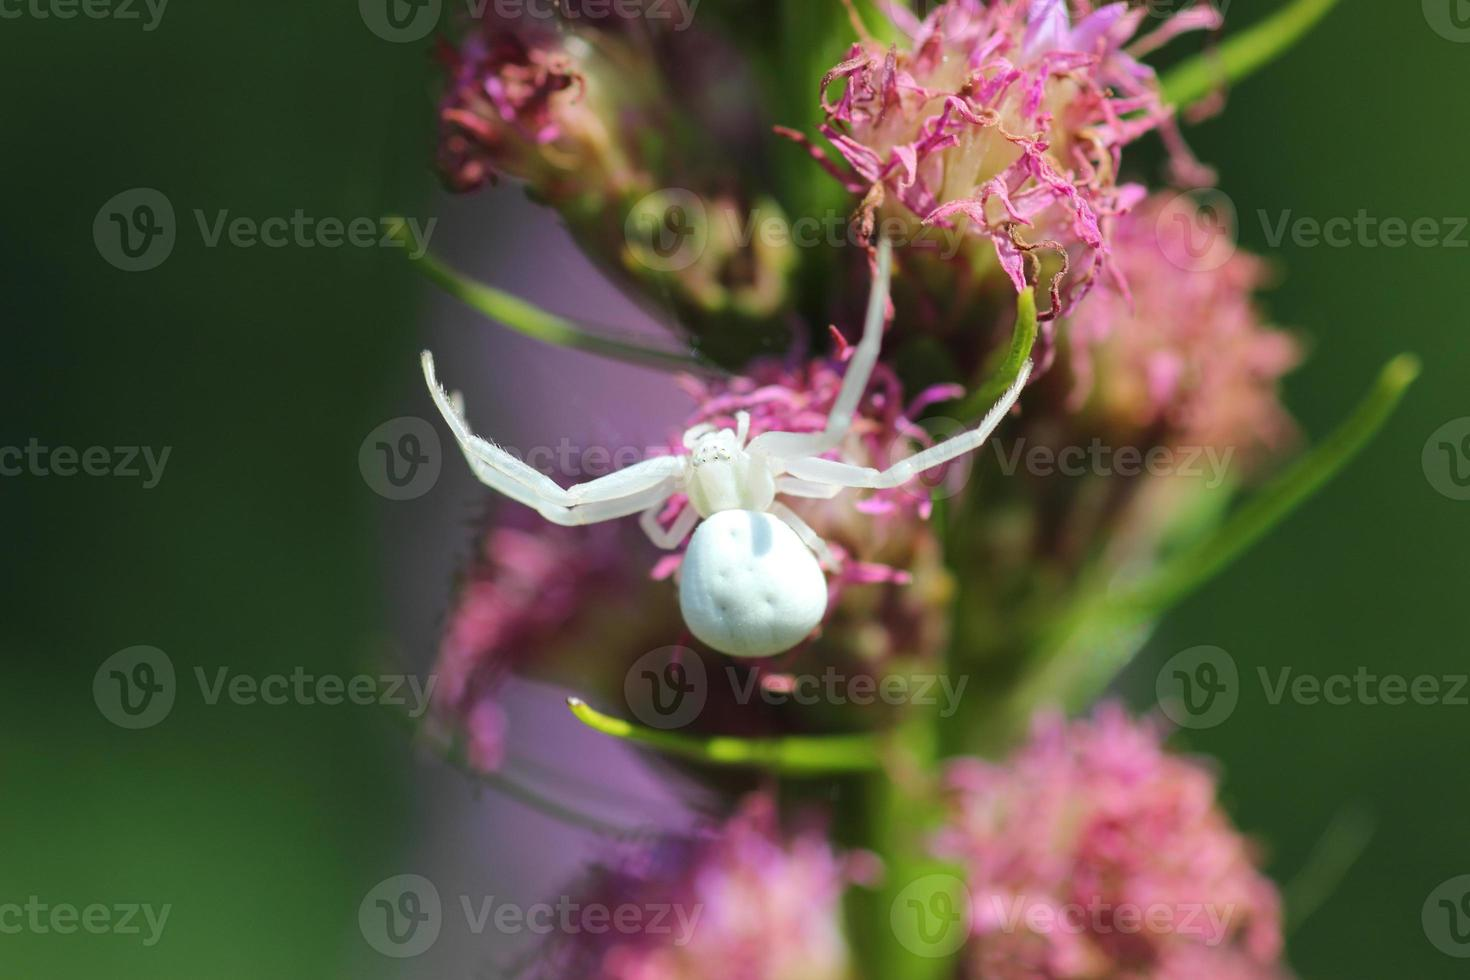 weiße Spinne auf einer Blume foto